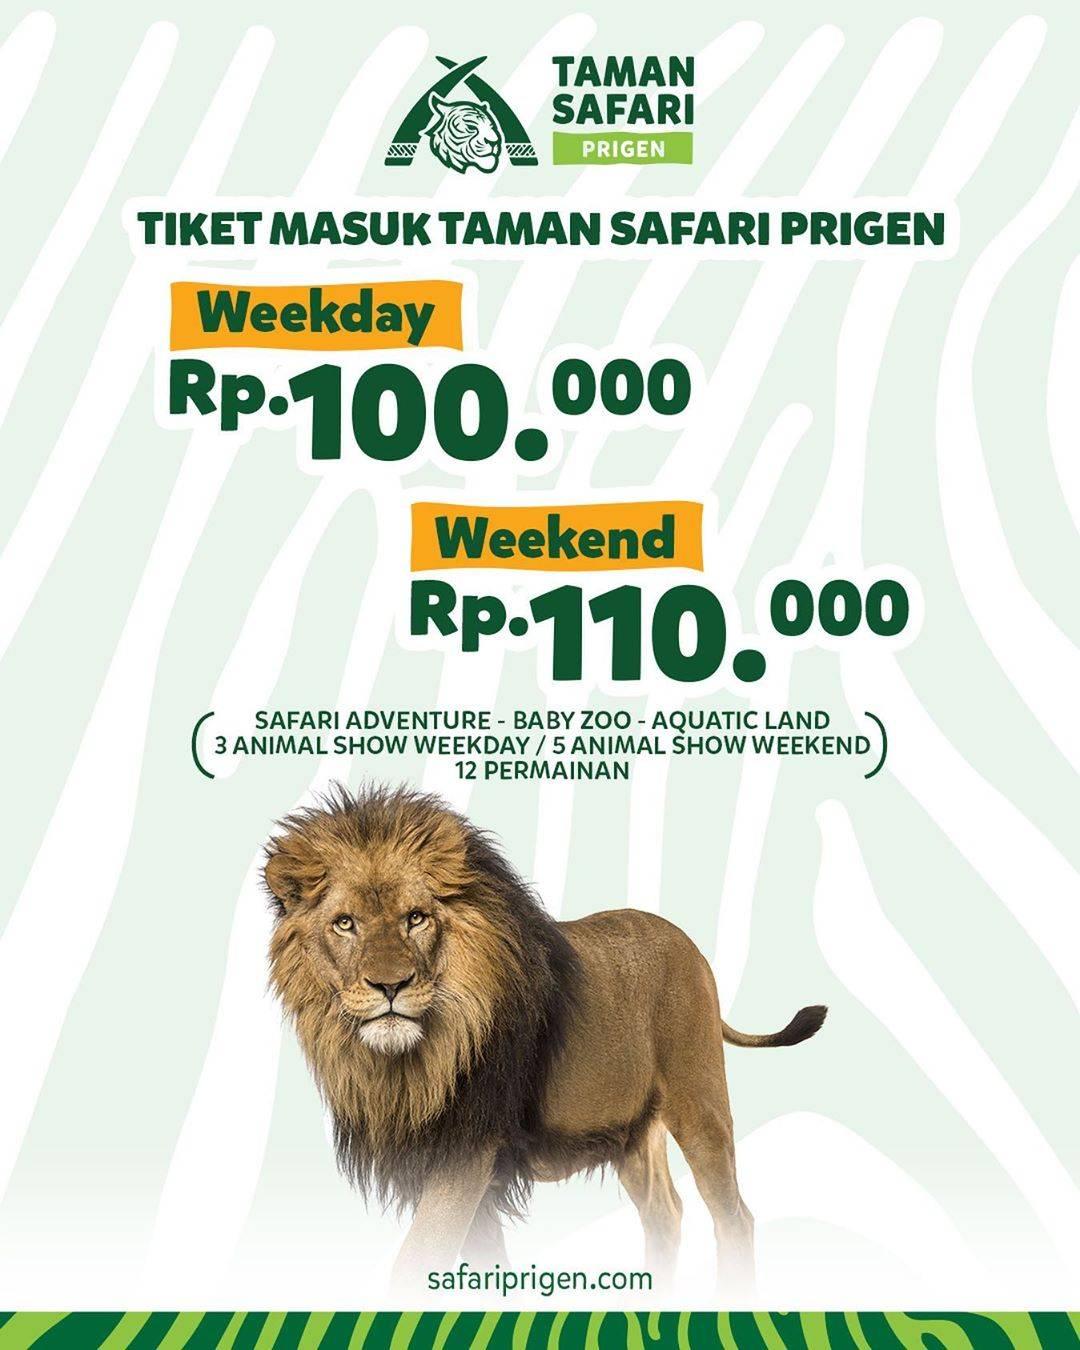 Diskon Promo Taman Safari Tiket Masuk Dengan Harga Mulai Dari Rp. 100.000